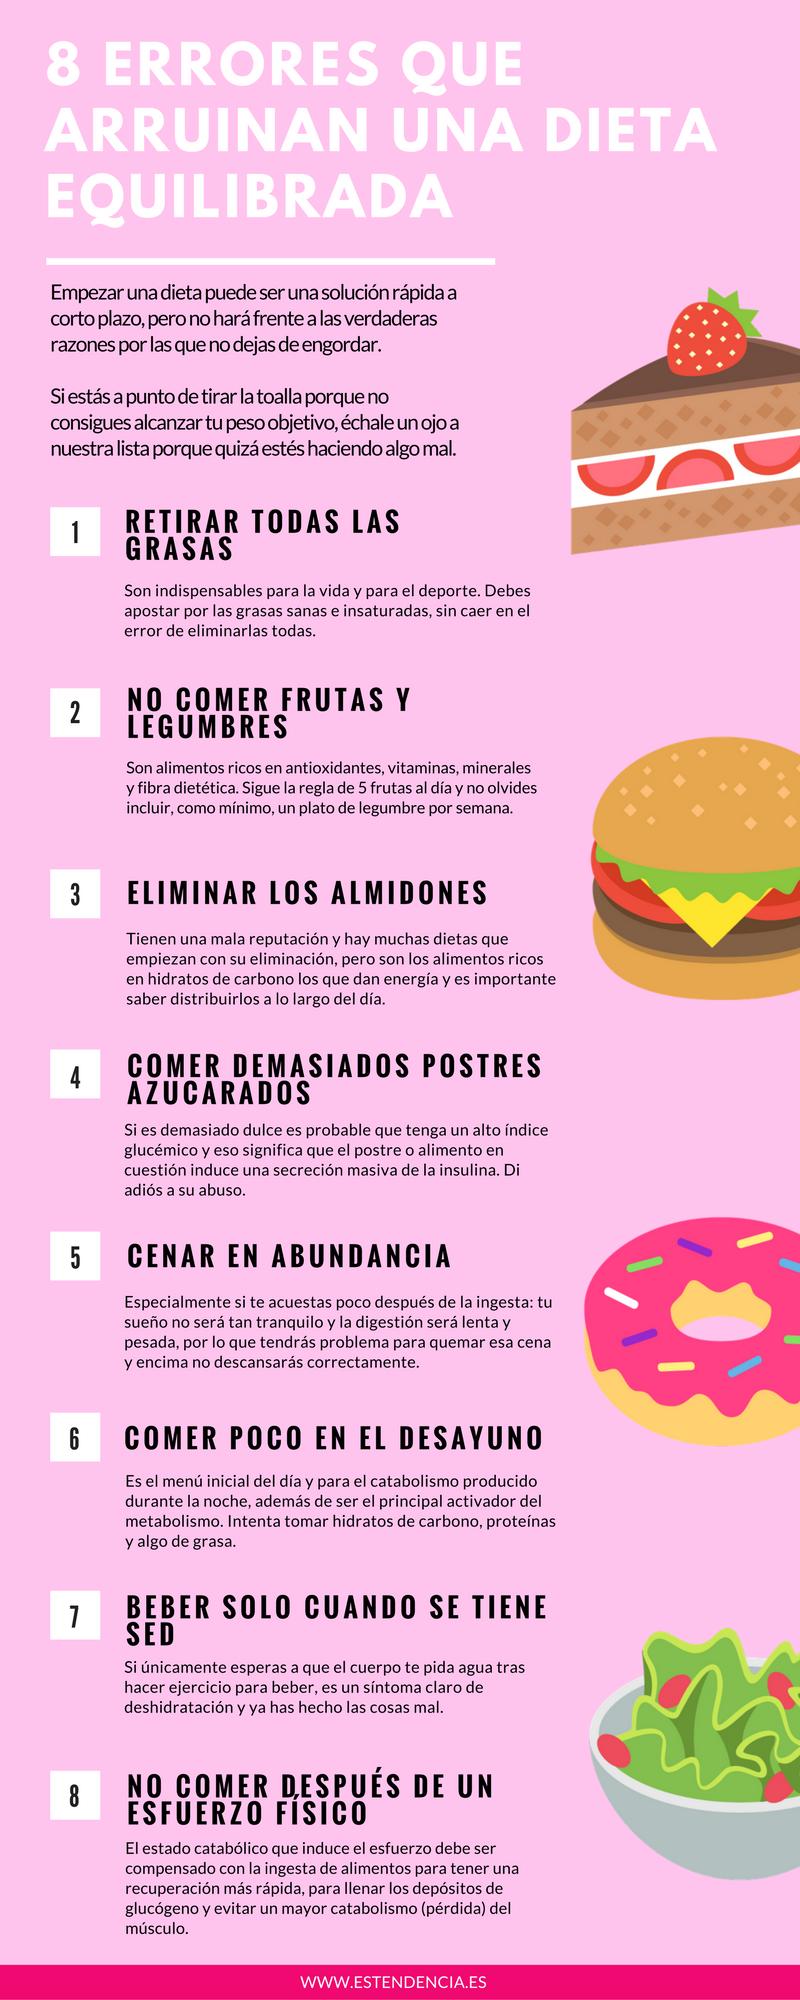 Sabes Cu Les Son Los Principales Errores Que Arruinan Tu Dieta  ~ Adelgazar Comiendo De Todo Pero Poco